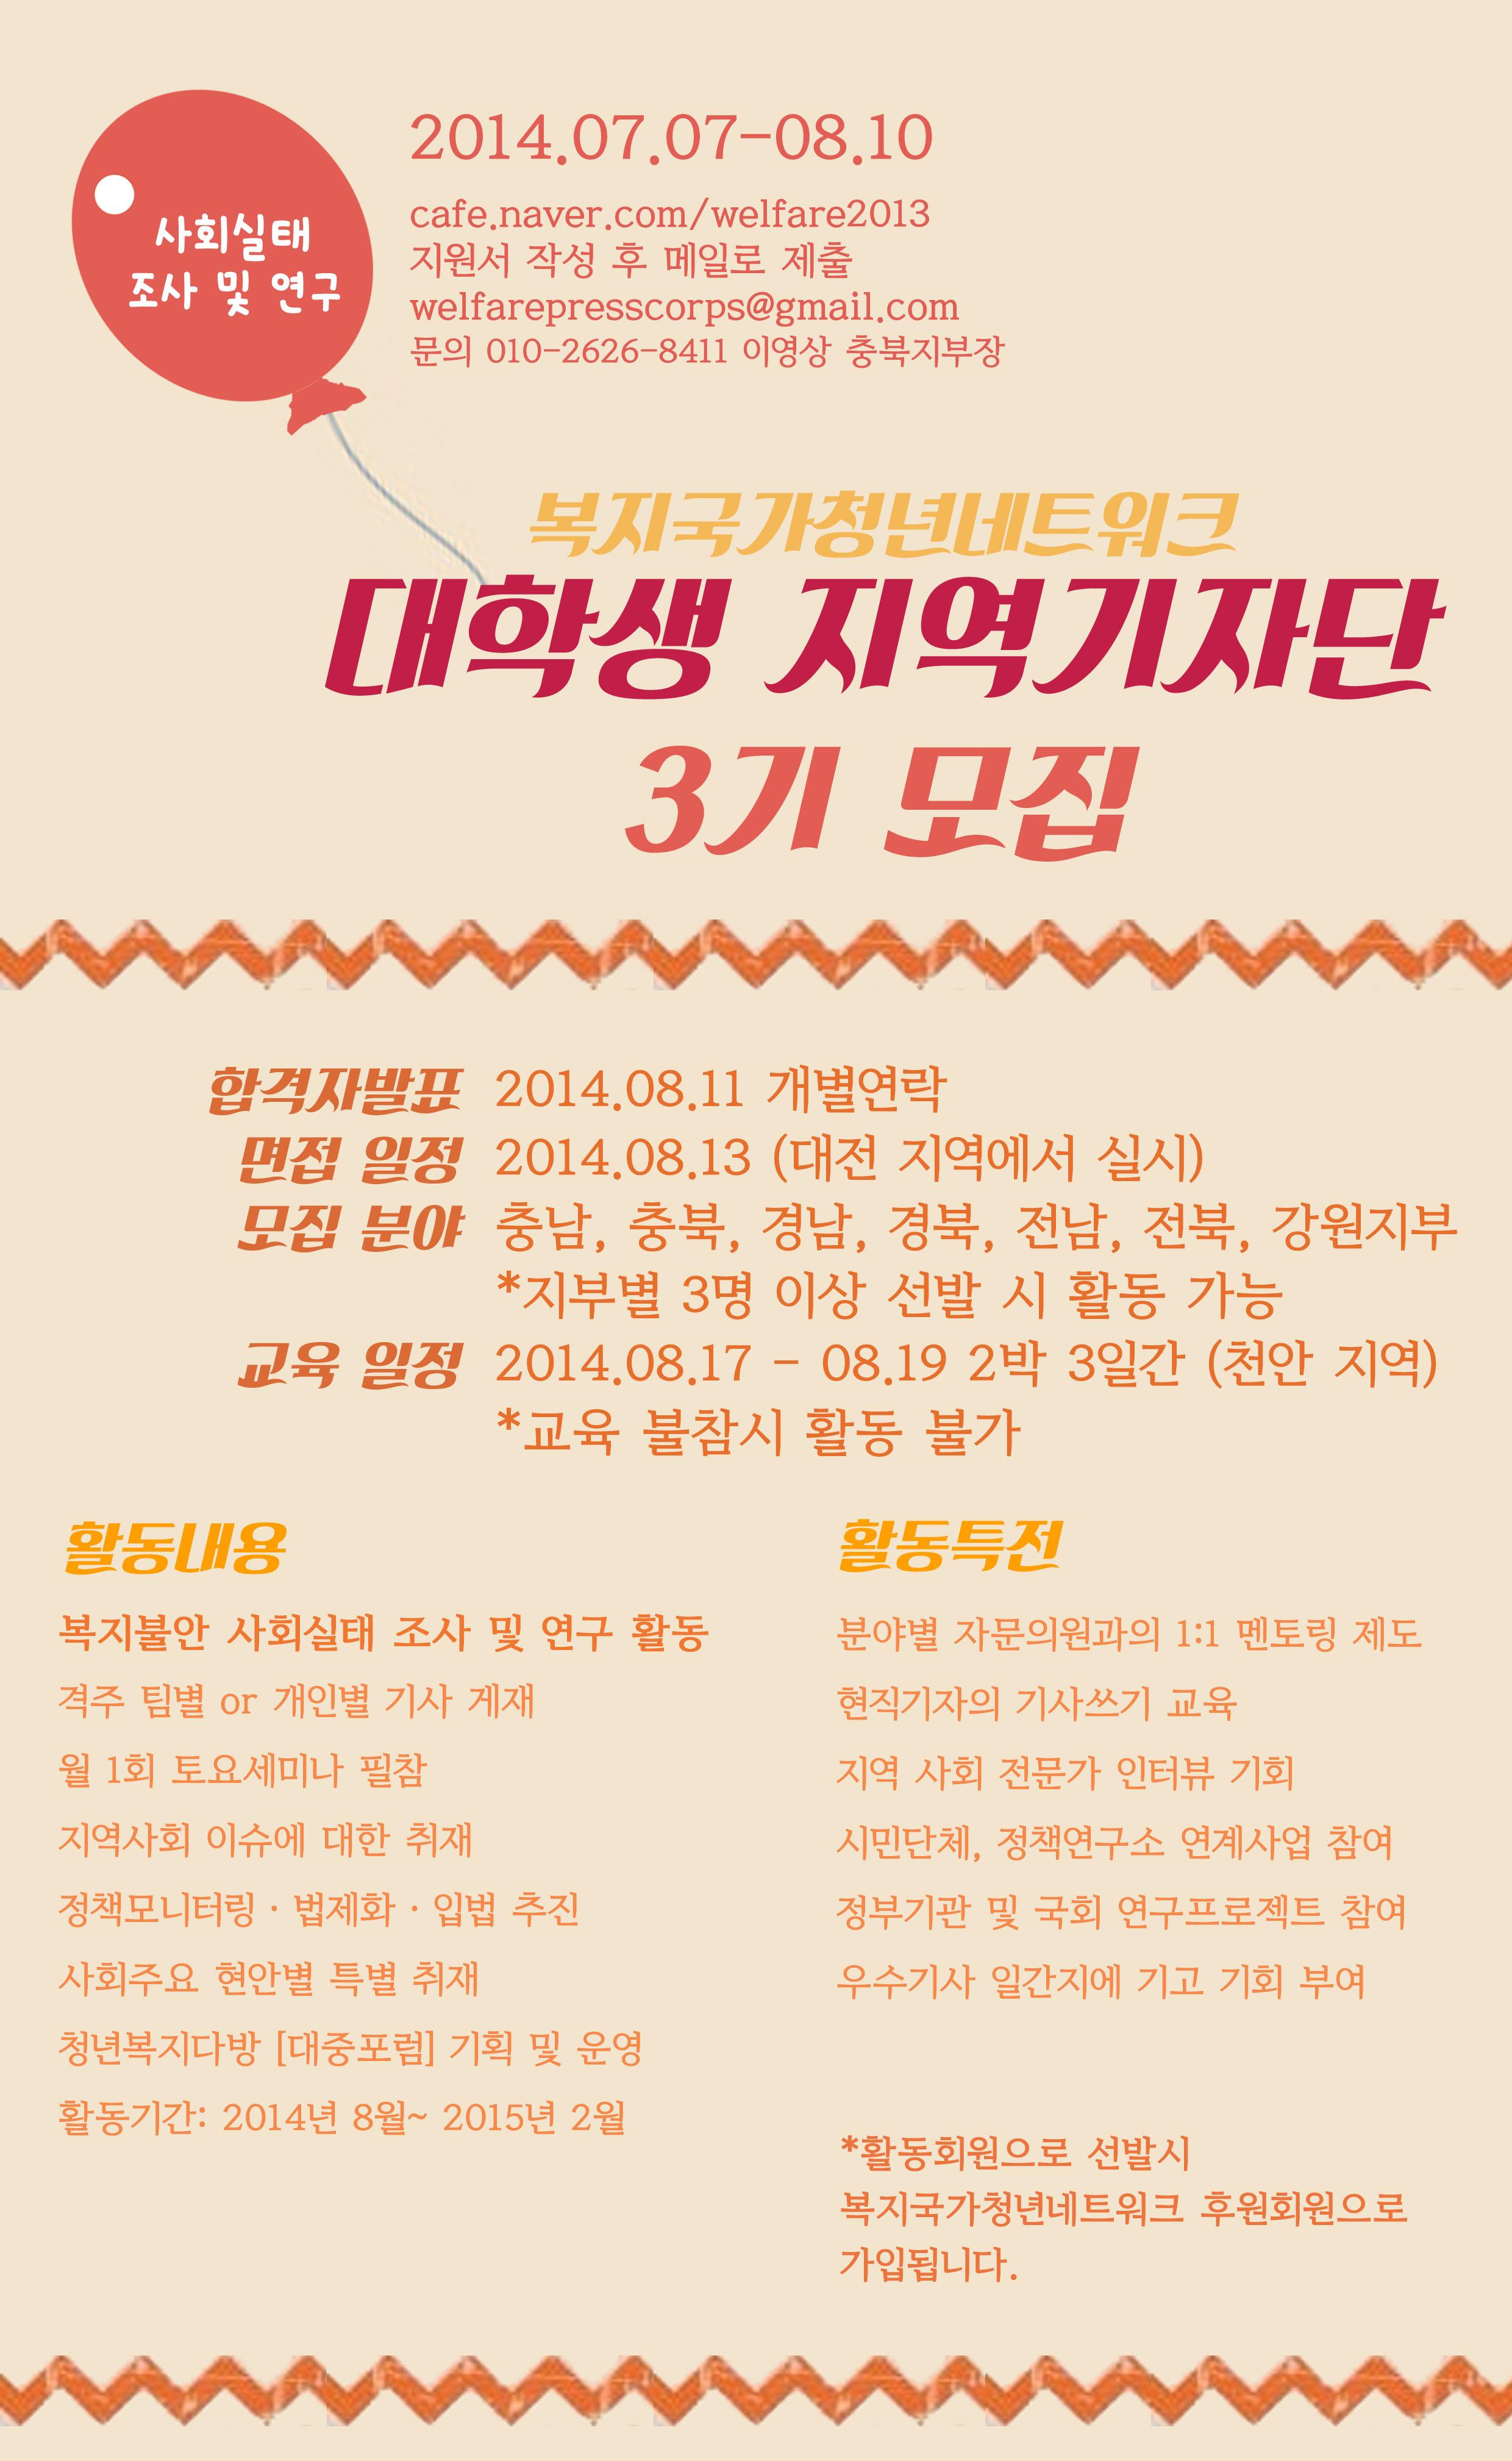 지역기자단웹자보 복사.jpg